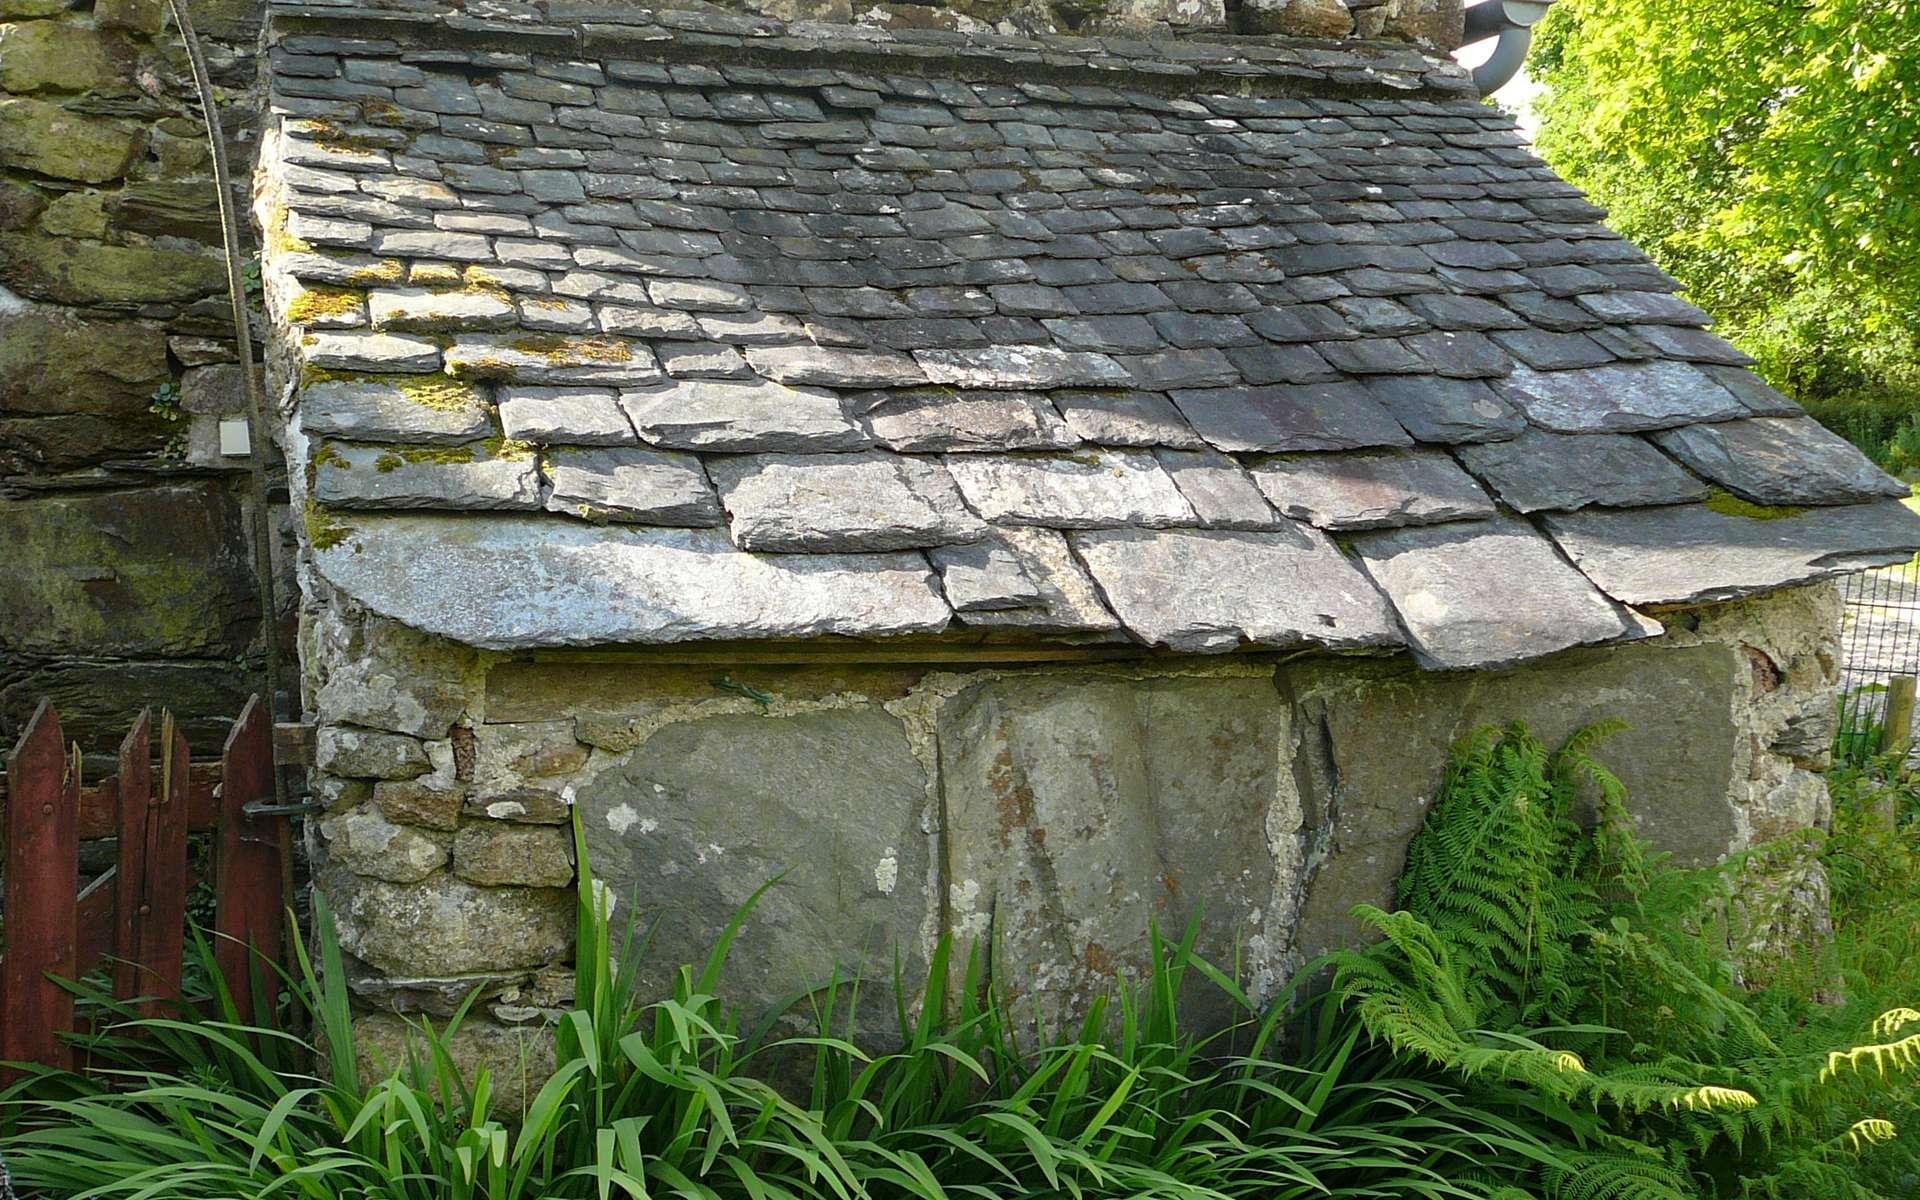 Un appentis est un toit en forme de auvent. © Moreau.henri, domaine public, Wikimedia Commons